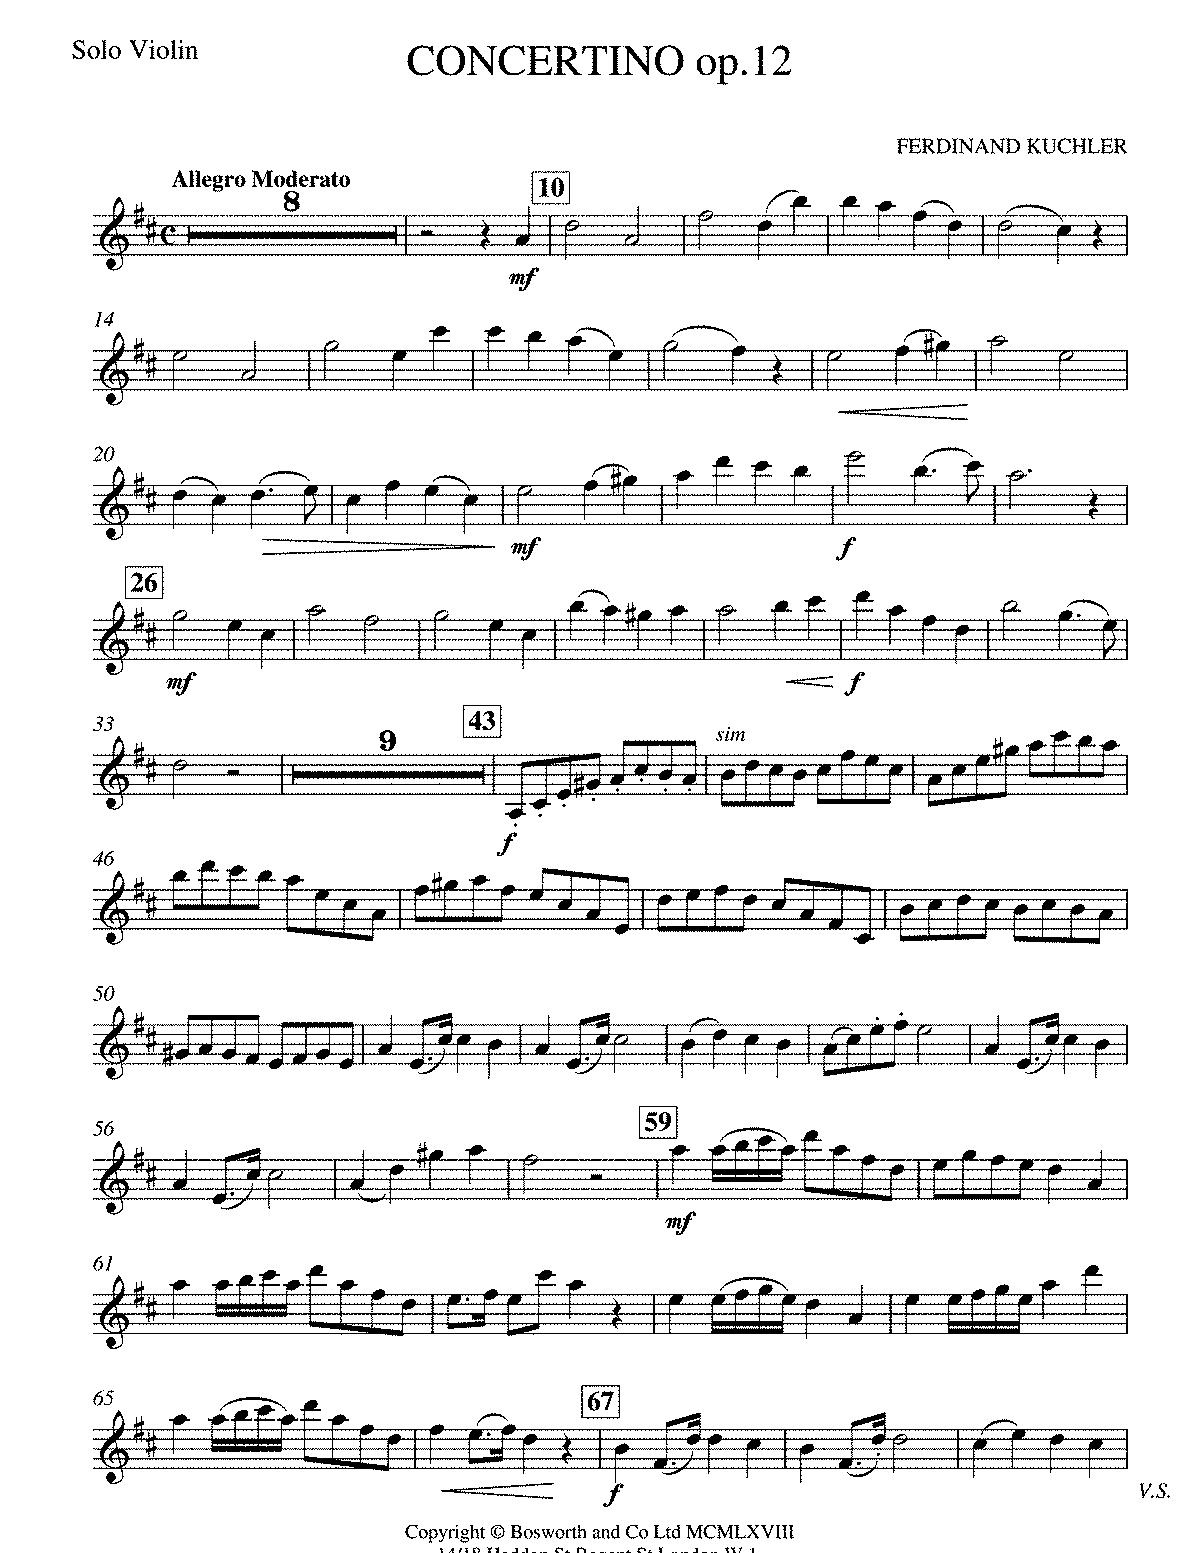 о ридинг концертино в венгерском стиле ноты